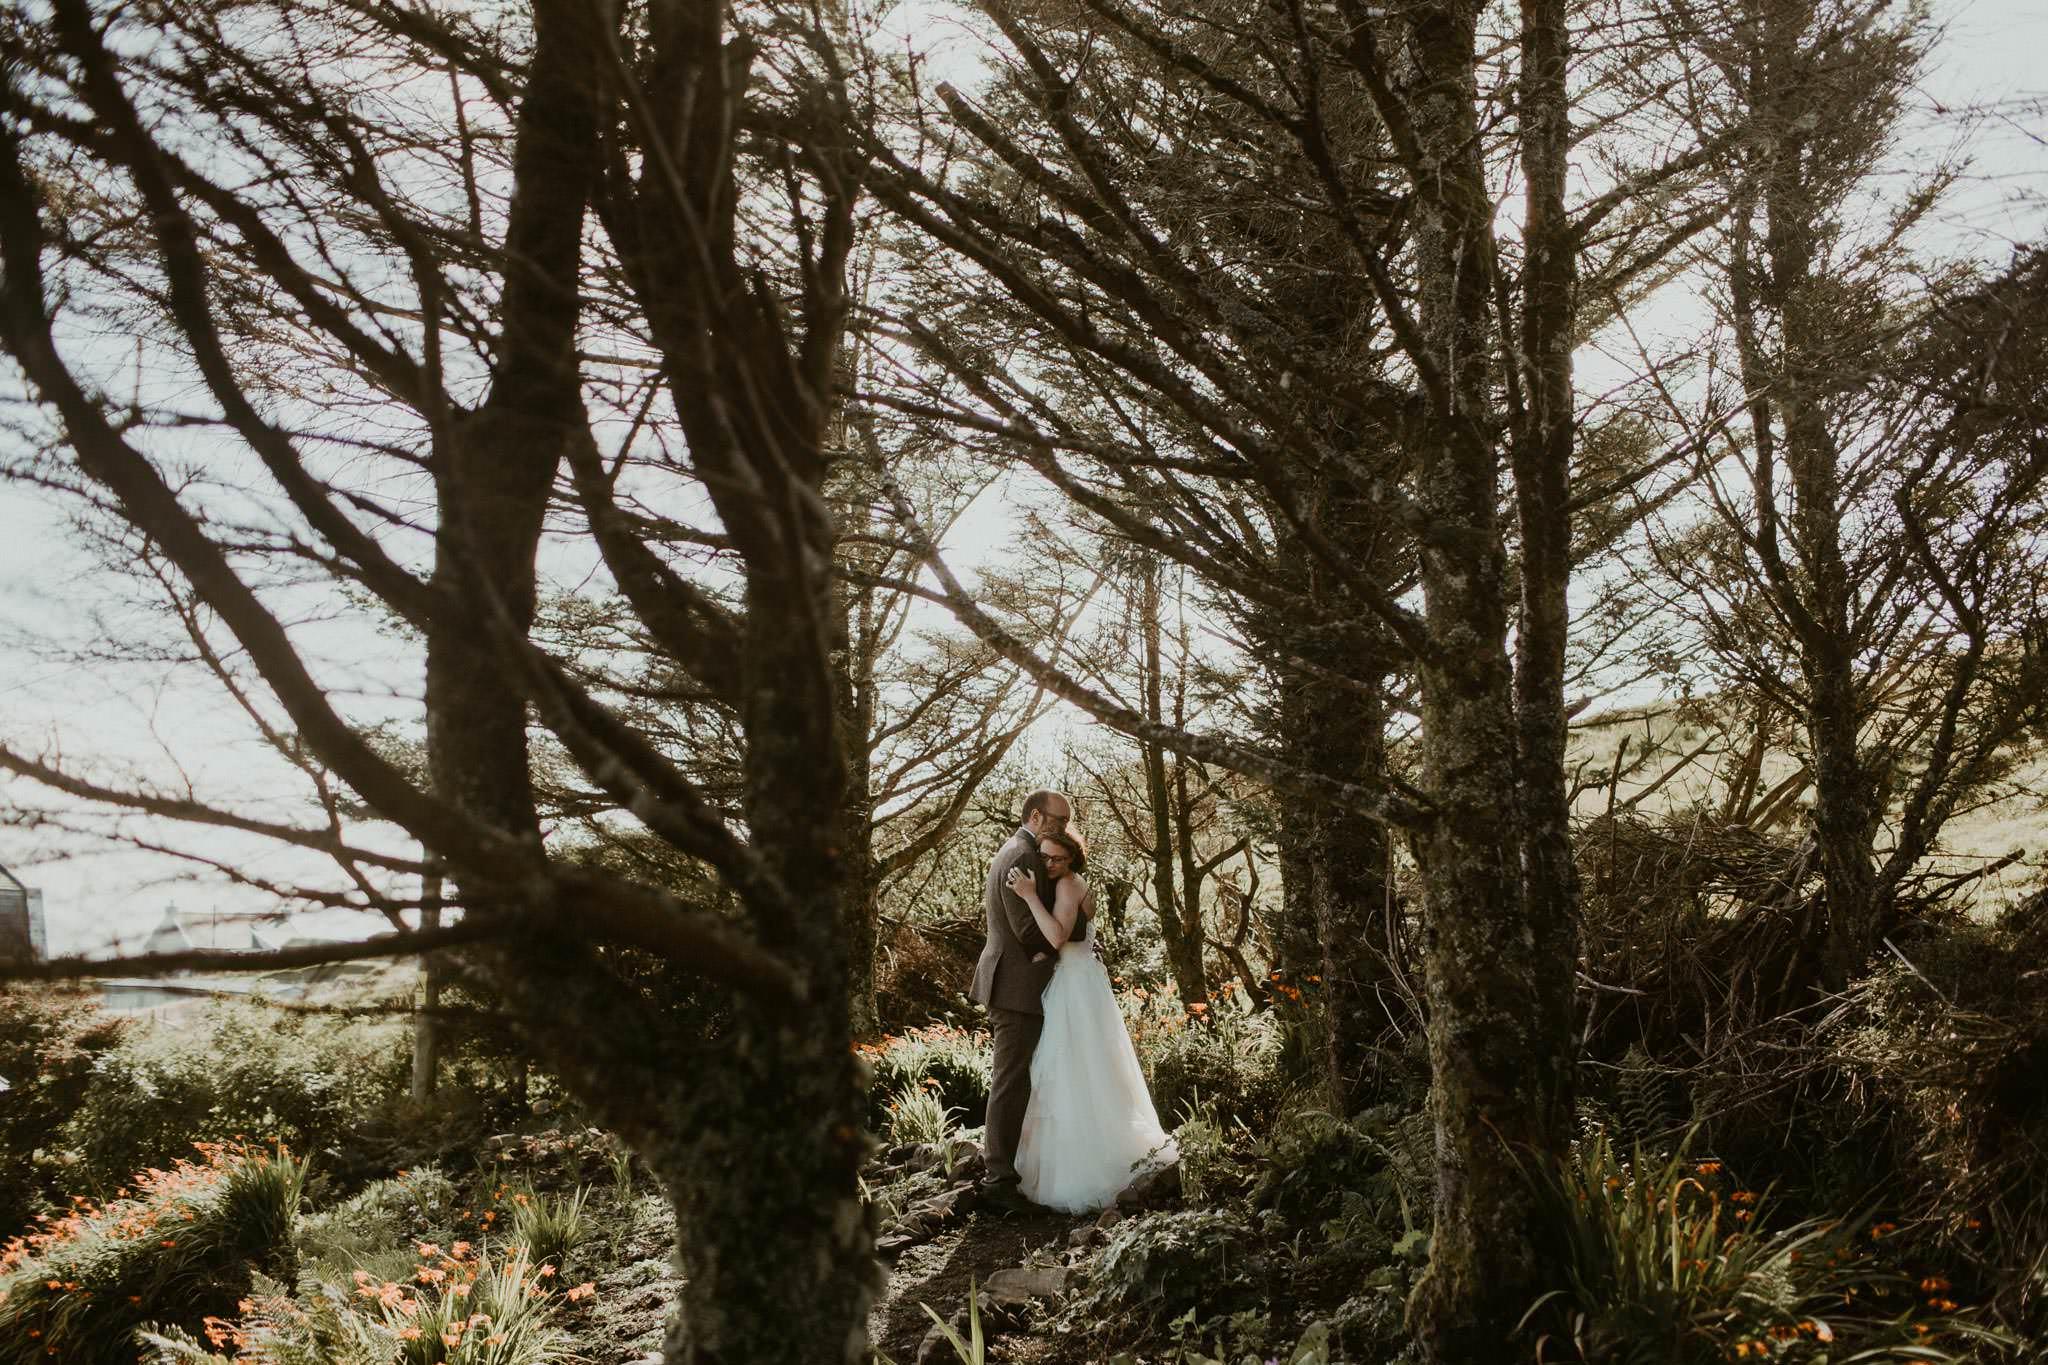 isle-of-skye-elopement-wedding-097